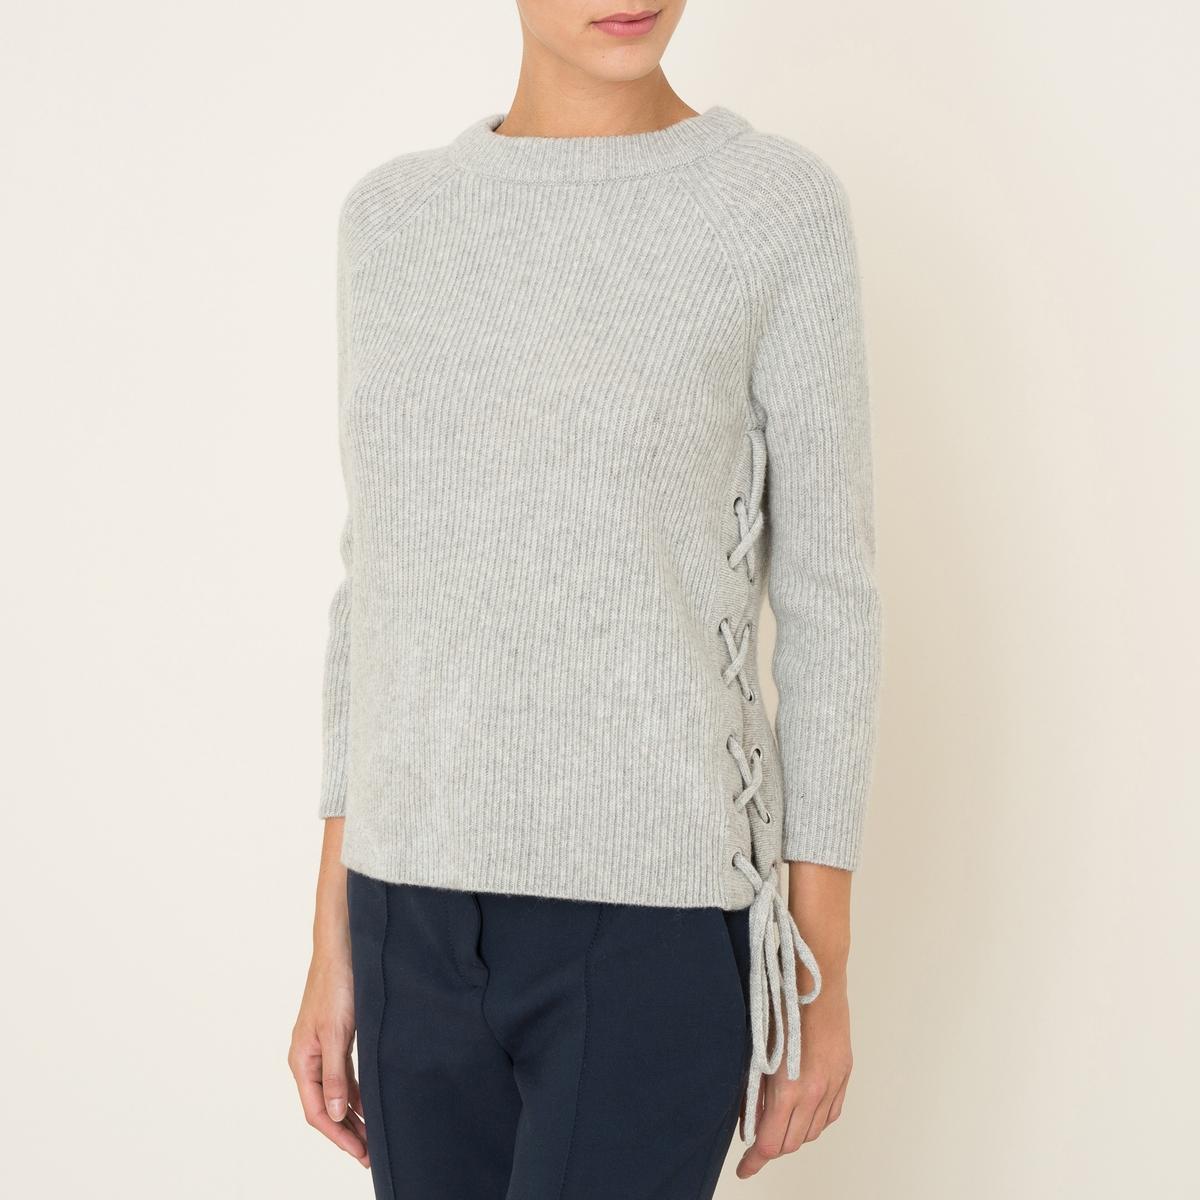 Пуловер MINUSСостав и описание    Материал : 95% шерсти, 5% кашемира   Металлические люверсы с покрытием медью   Марка : BA&amp;SH<br><br>Цвет: светло-серый,темно-синий